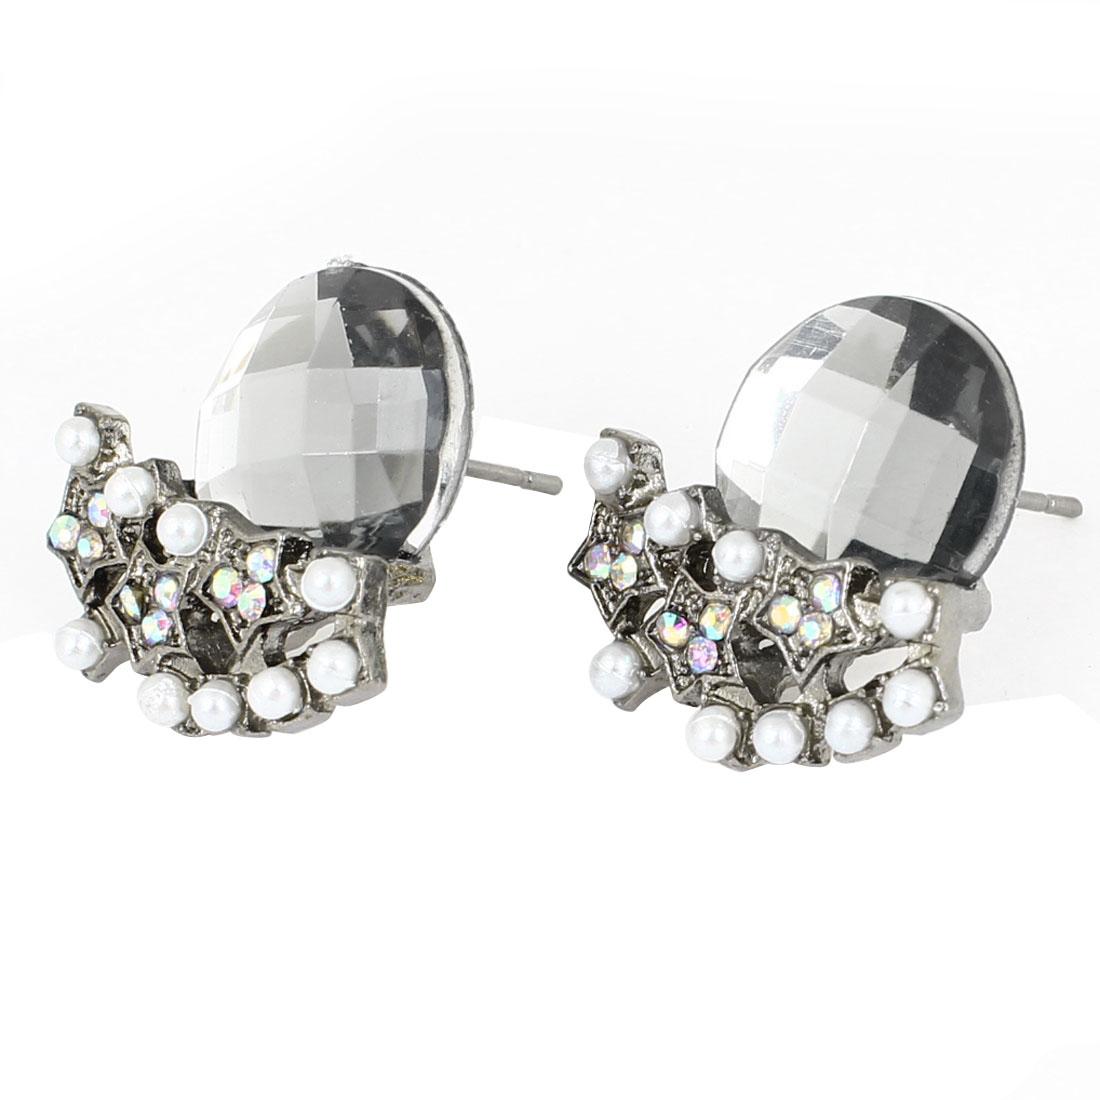 Women Girls Ear Ornament Faux Pearl Crystal Decor Gray Stud Earrings Pair